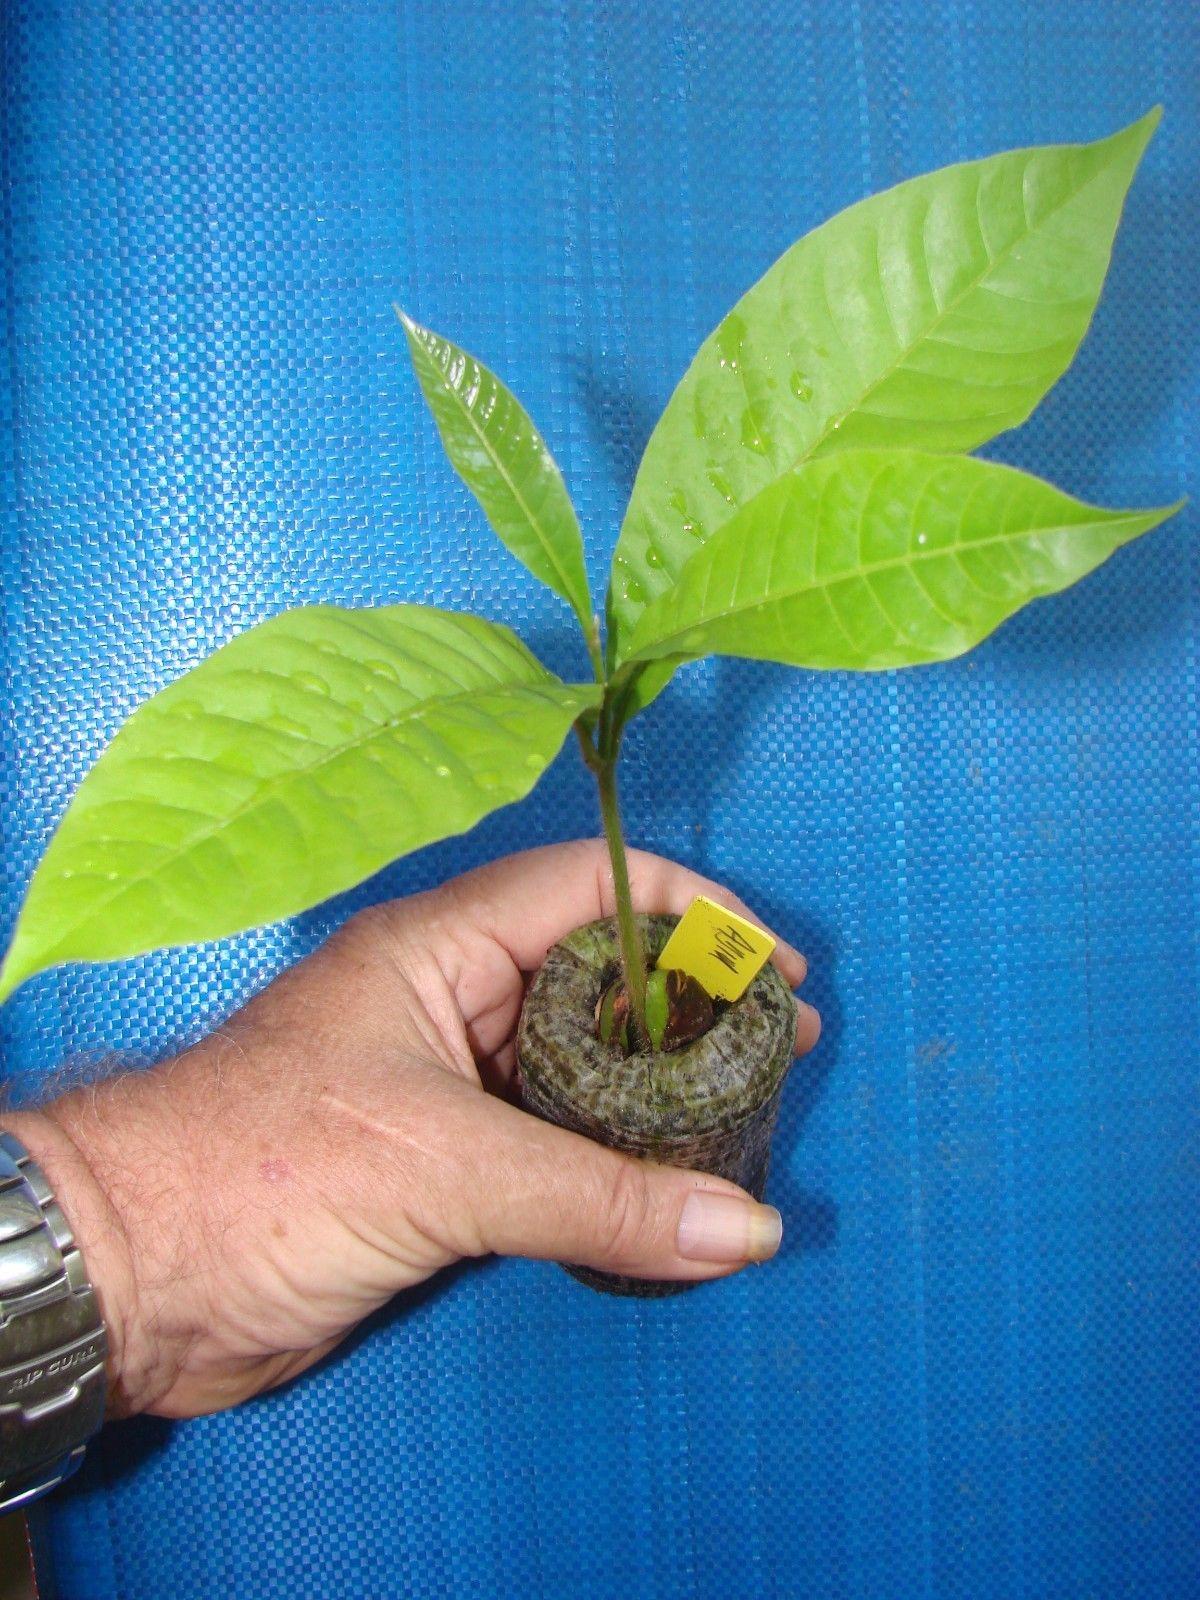 Polynesian Produce Stand Abiu Pouteria Caimito The